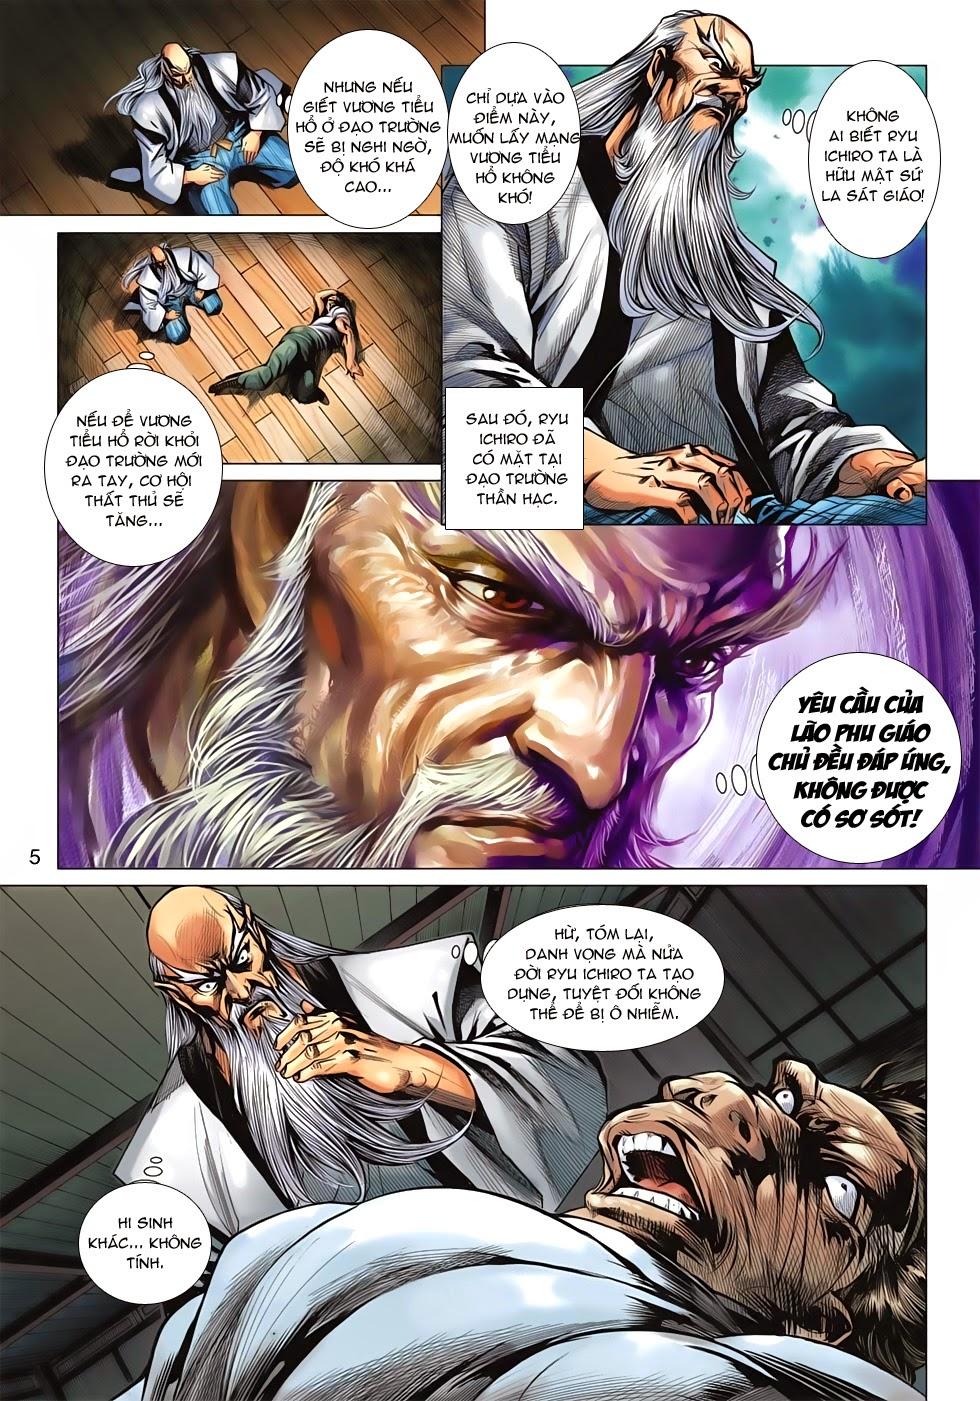 Tân Tác Long Hổ Môn chap 643 - Trang 5